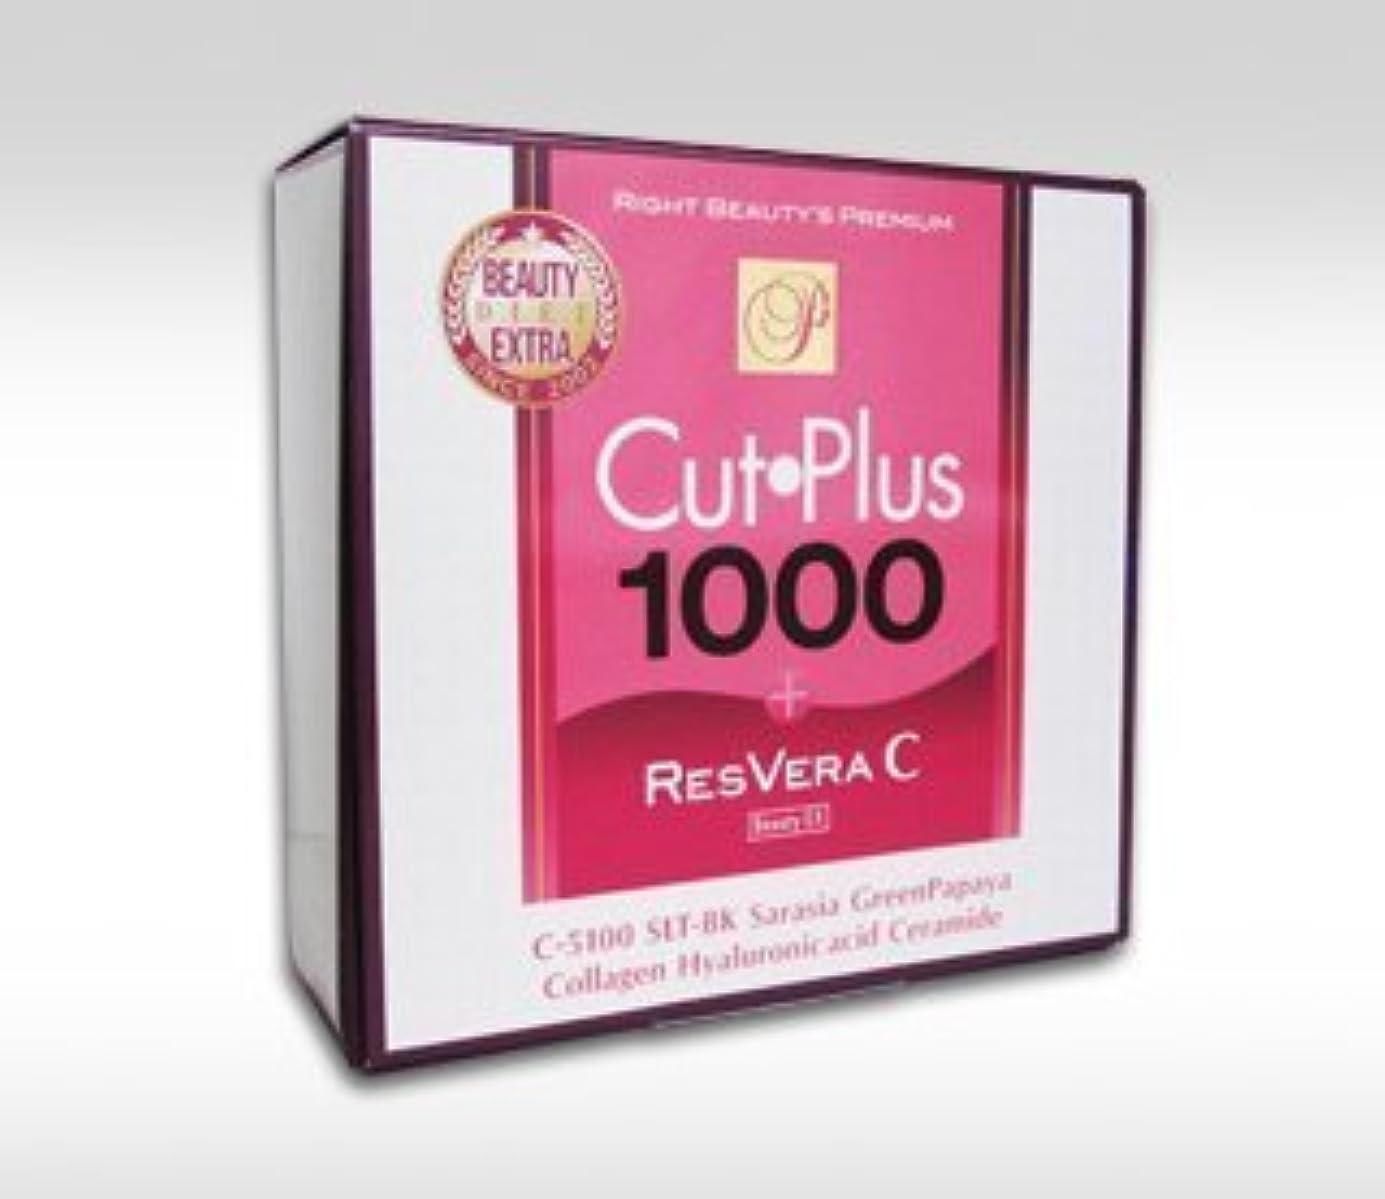 実現可能無駄な書き込みカットプラス1000 レスベラC 30包 5個セット